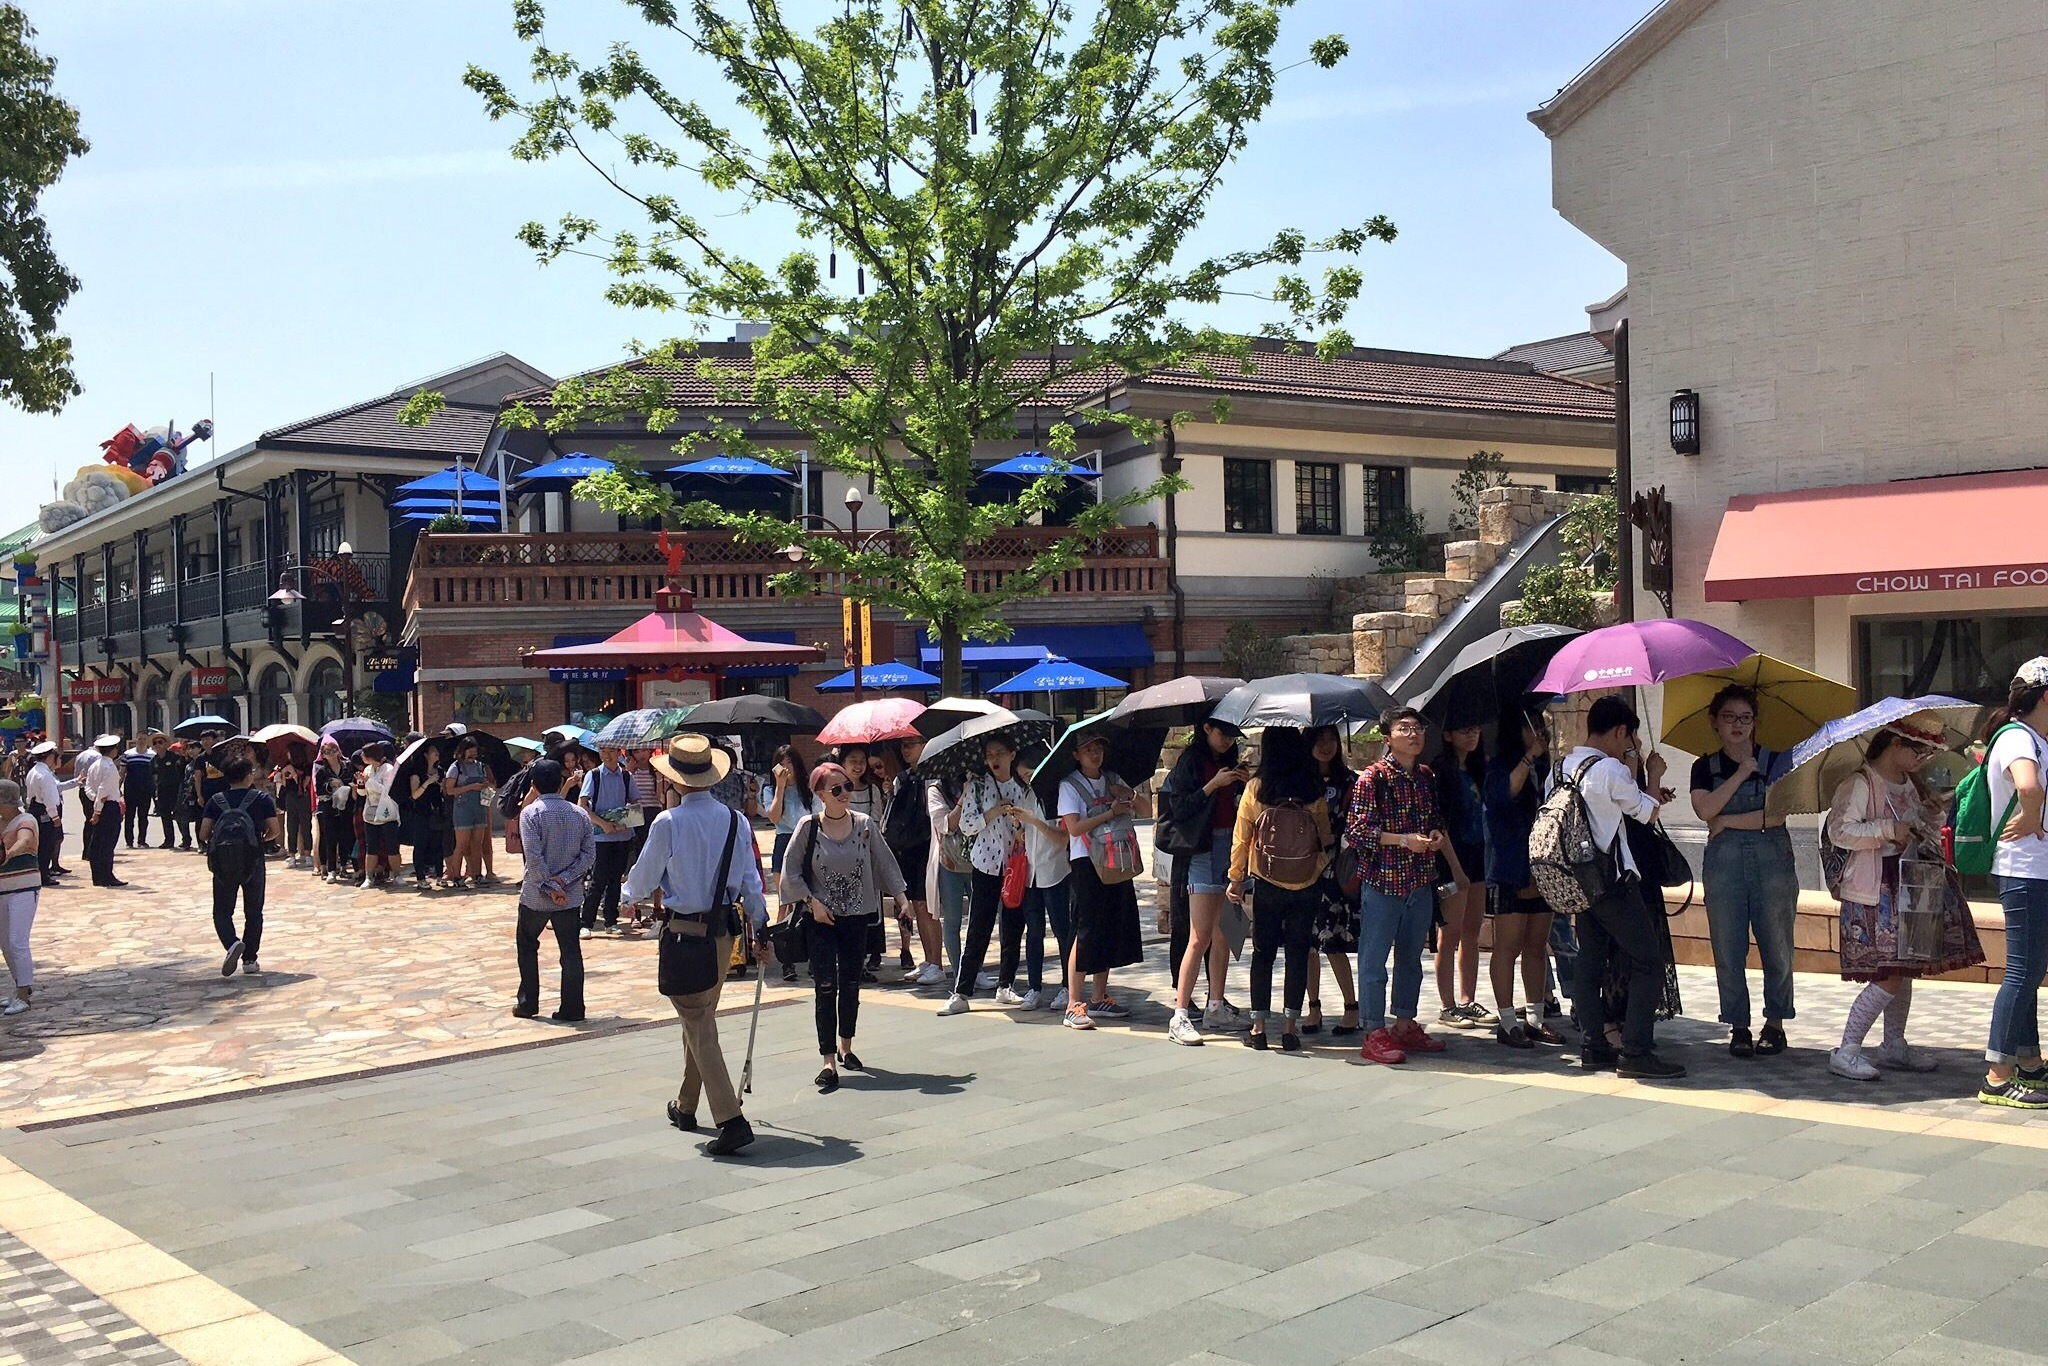 レッドカーペットのファンエリアへ入場するための列へ並ぶファン 撮影=村田 由美子